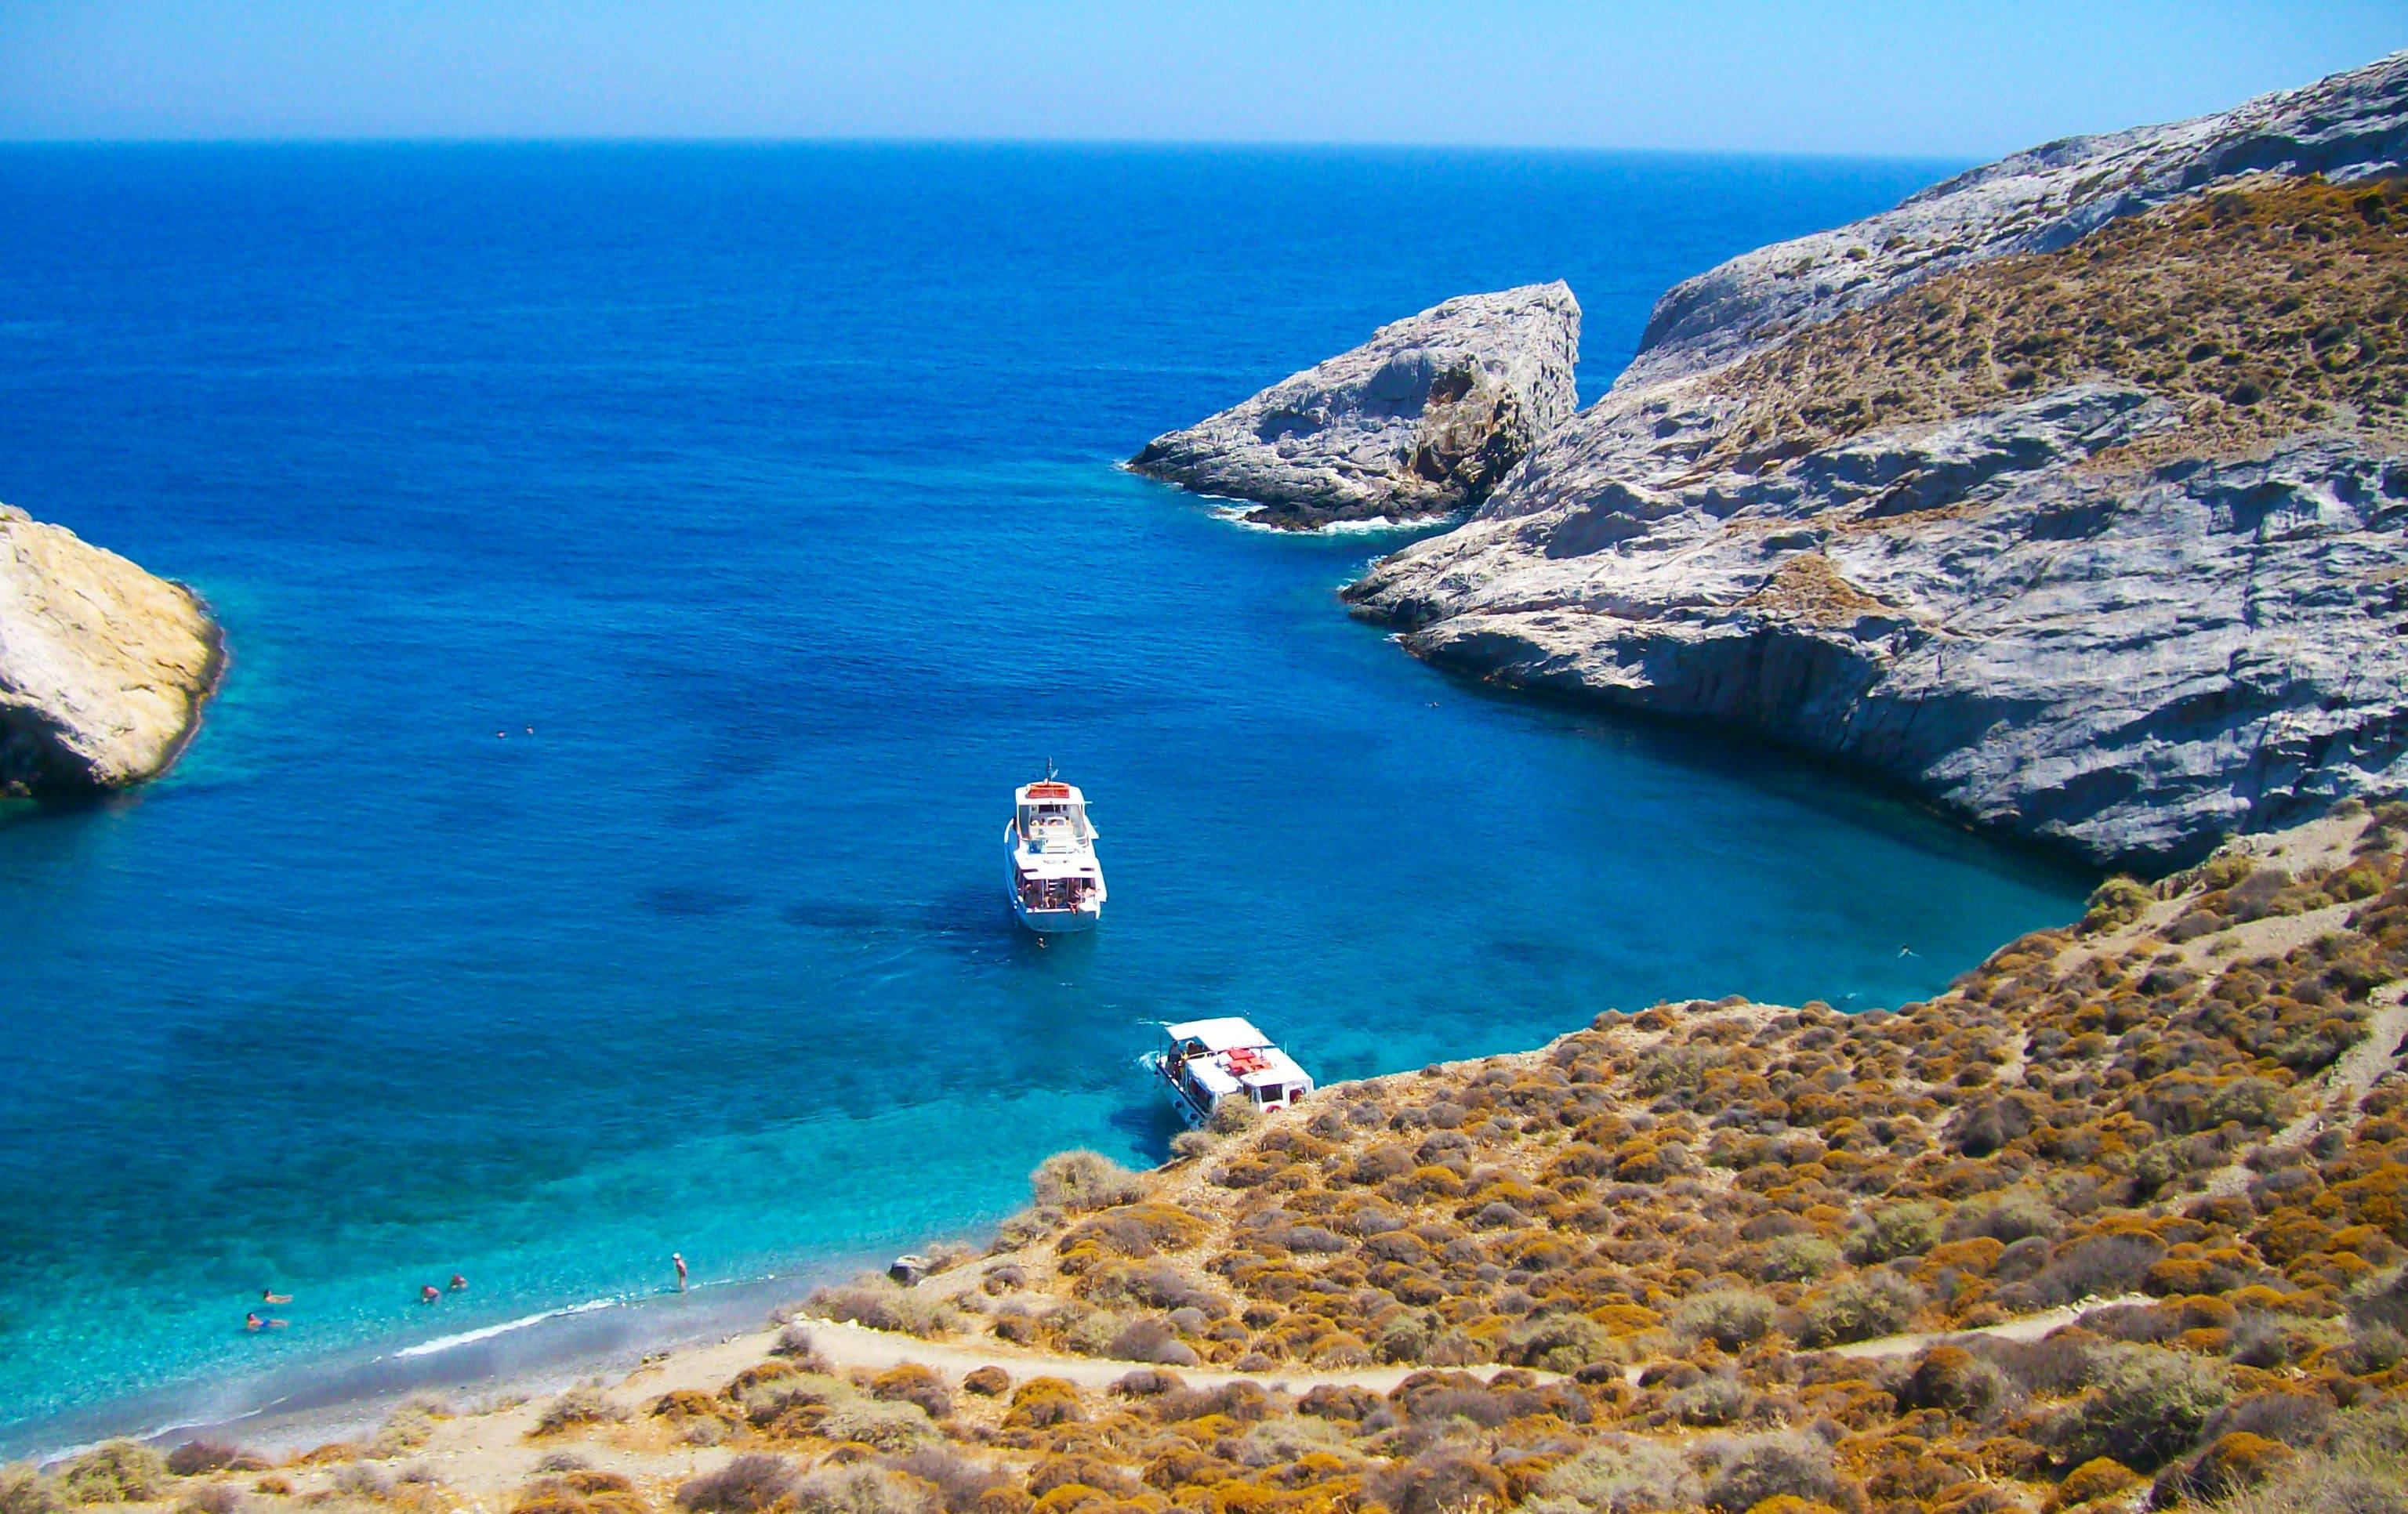 Grèce : 3 îles méconnues à découvrir